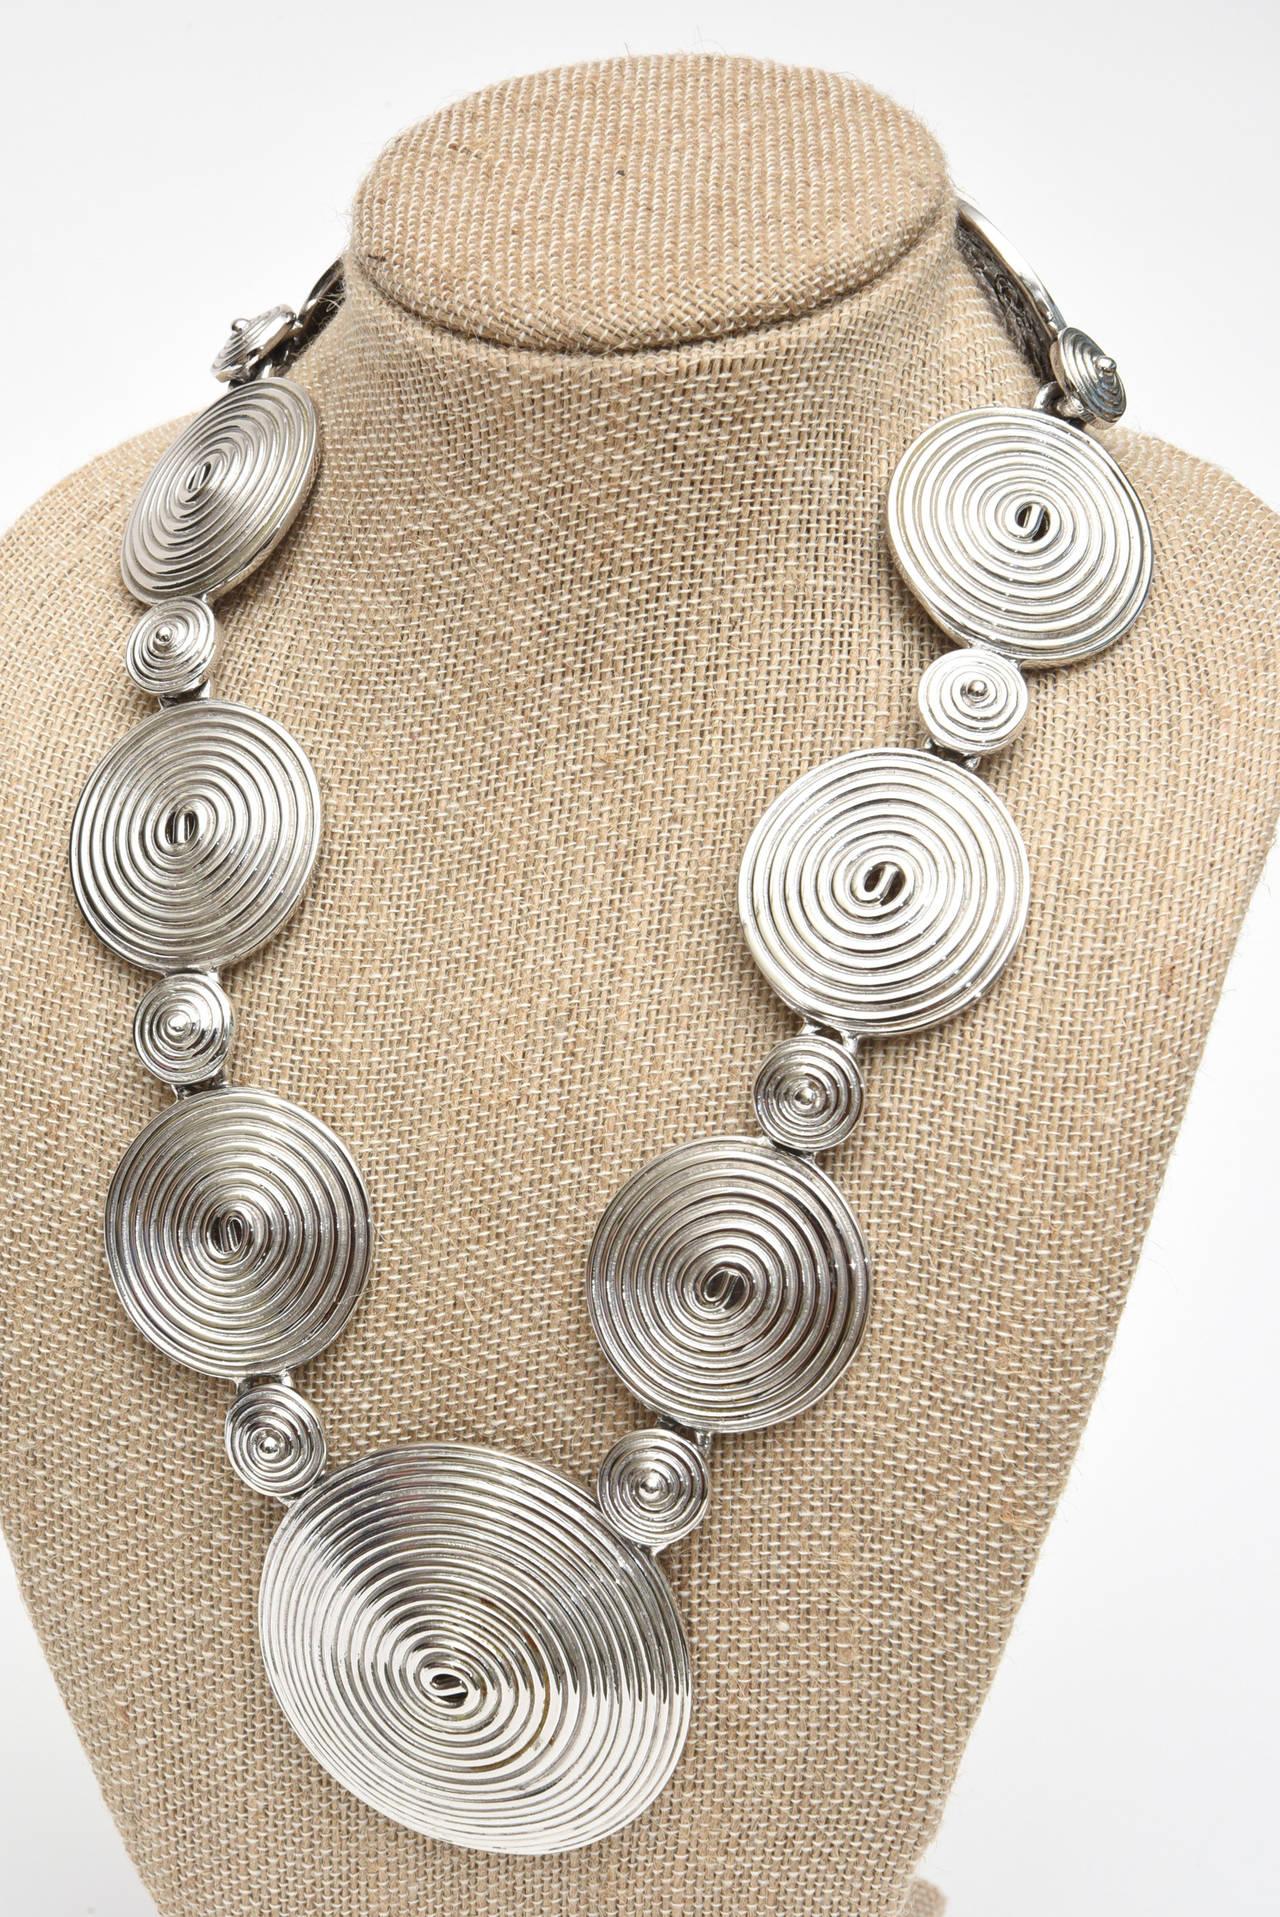 Signed Alexis Kirk Sculptural Disk Necklace For Sale 3